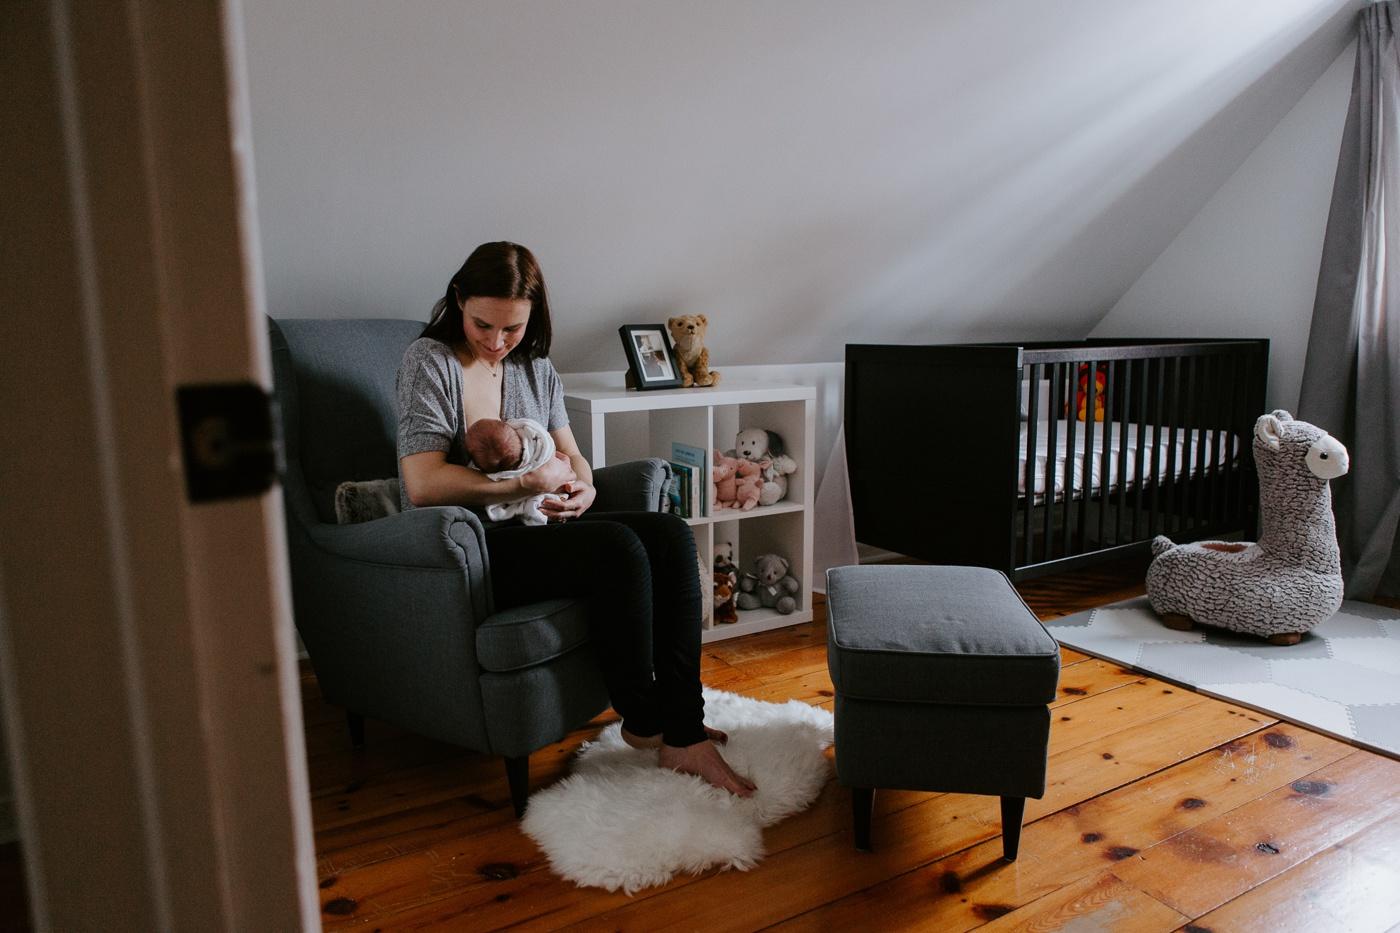 Photographe de nouveau-né à domicile à Montréal. Séance photo nouveau-né à Montréal. Photo nouveau-né lifestyle à Montréal. Montreal newborn photographer. Montreal lifestyle newborn photoshoot. Montreal in-home newborn session.